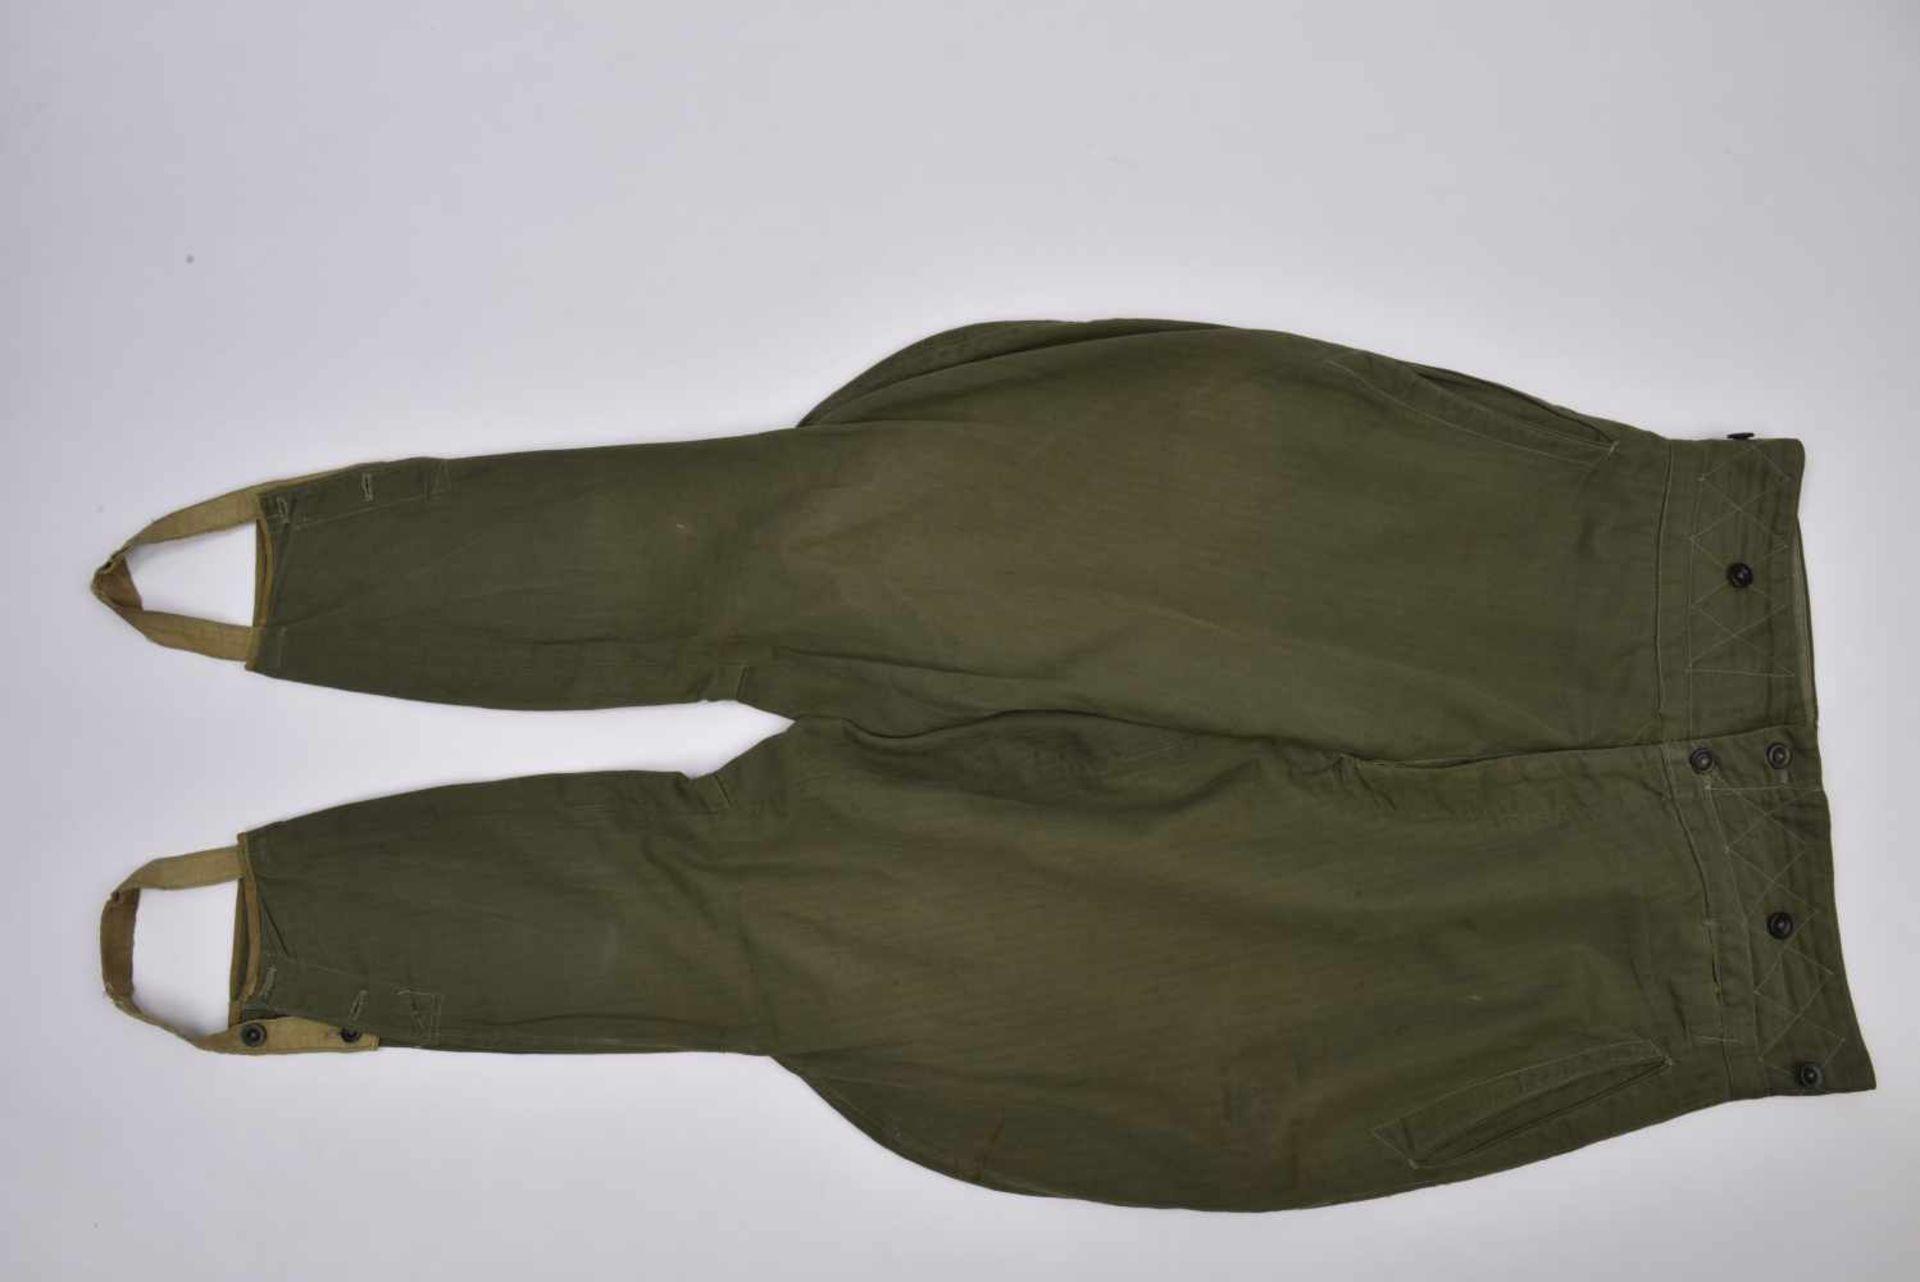 Culotte troupe M.35 en drap HBT exemplaire pratiquement neuf, RARE ! M.35 trousers in the HBT cloth.